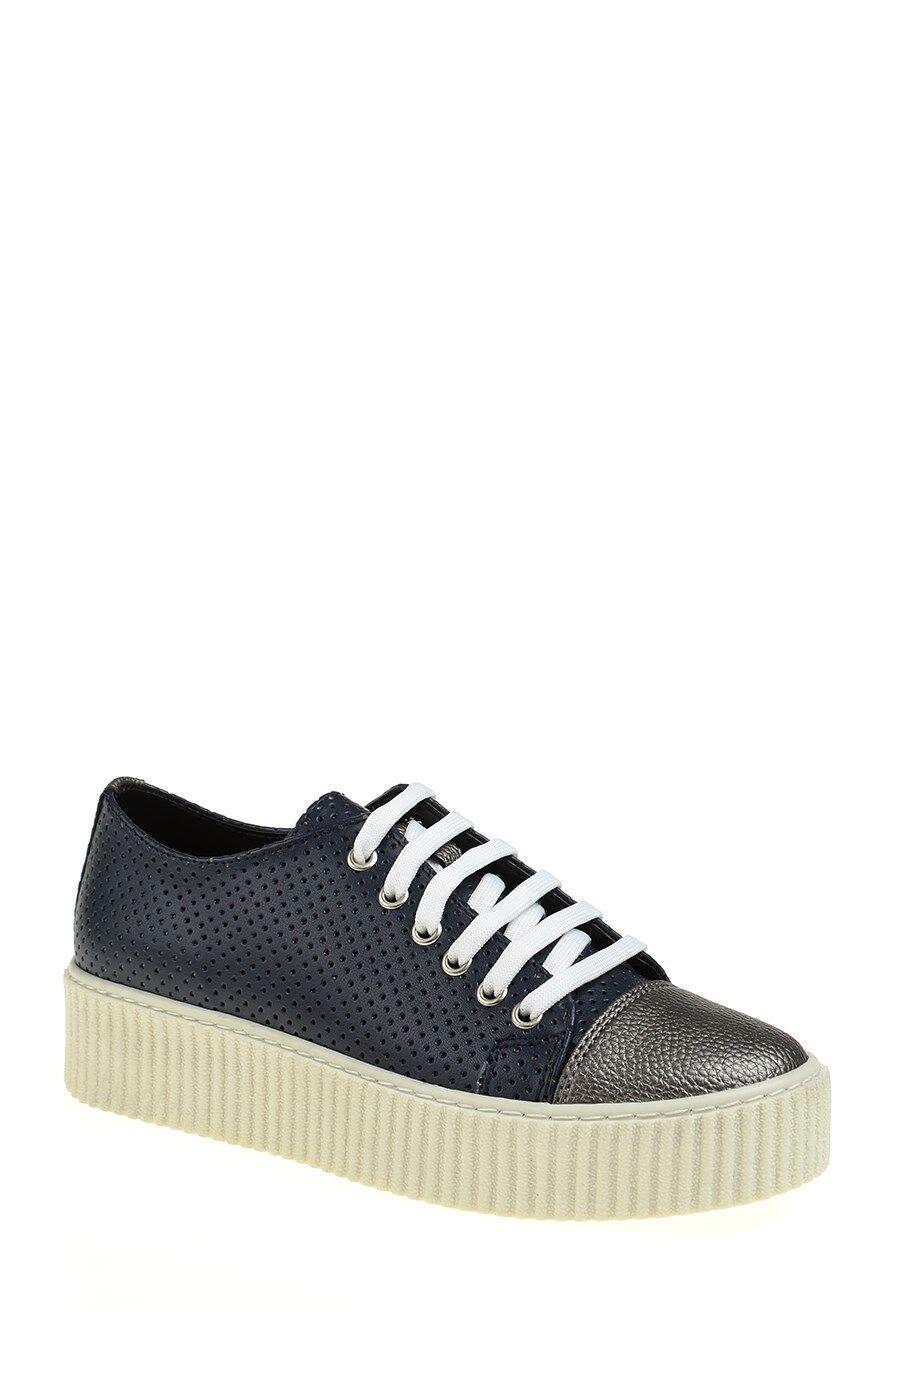 Gümüş Detaylı Lacivert Sneaker